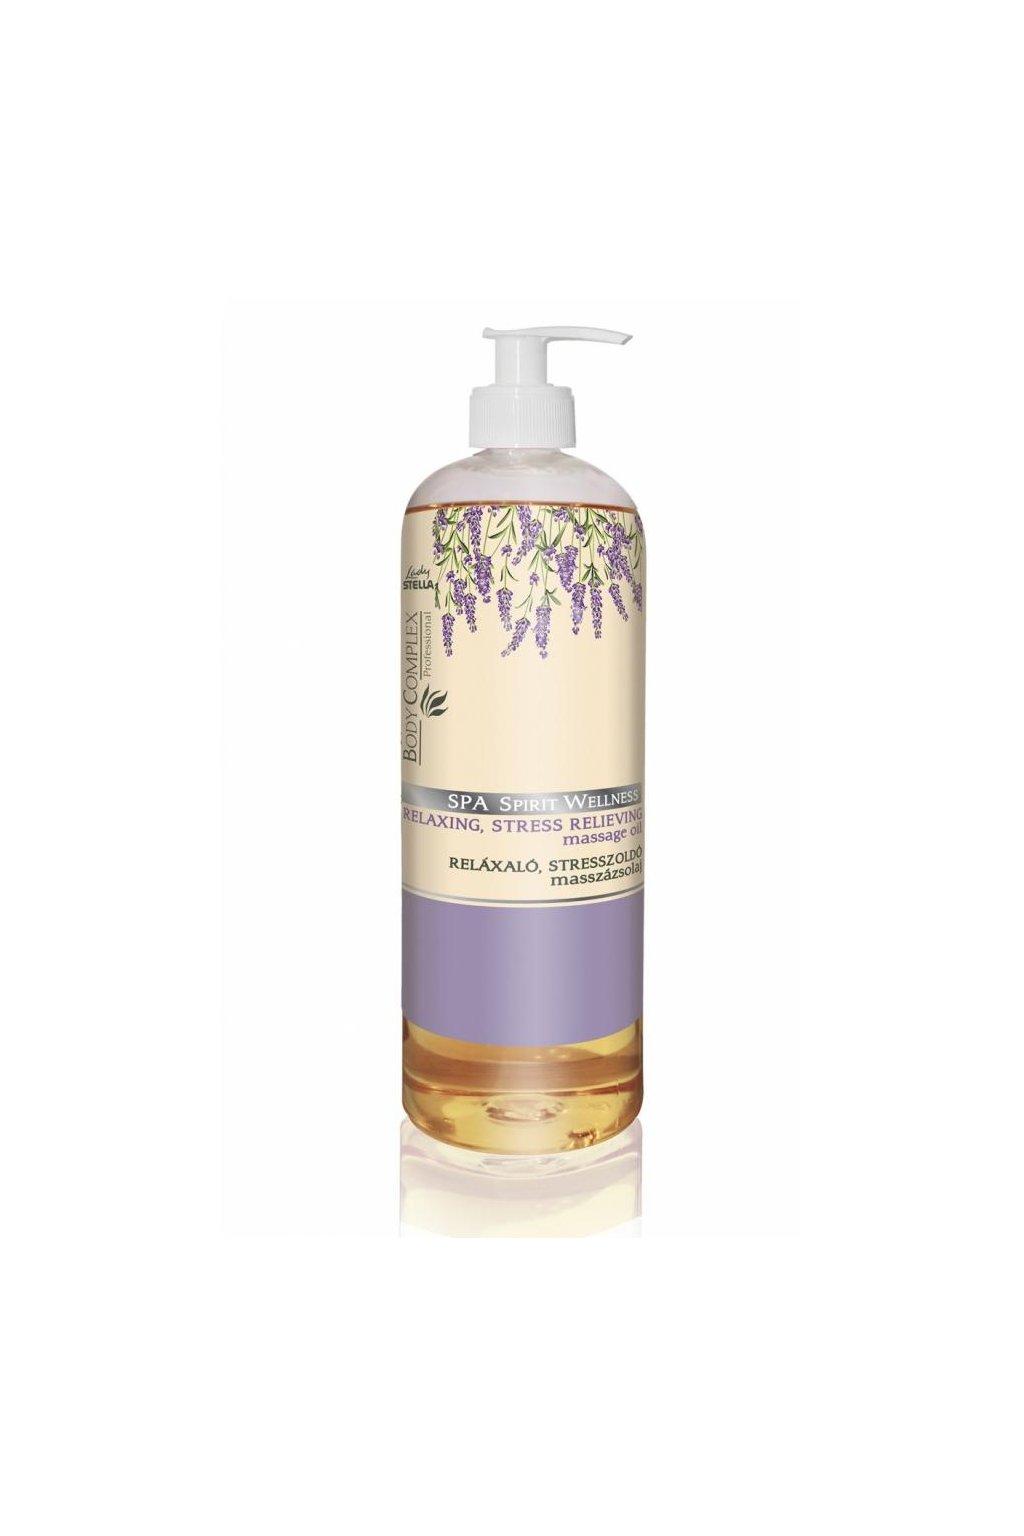 SPA SPIRIT WELLNESS relaxační masážní olej s levandulí 250 ml